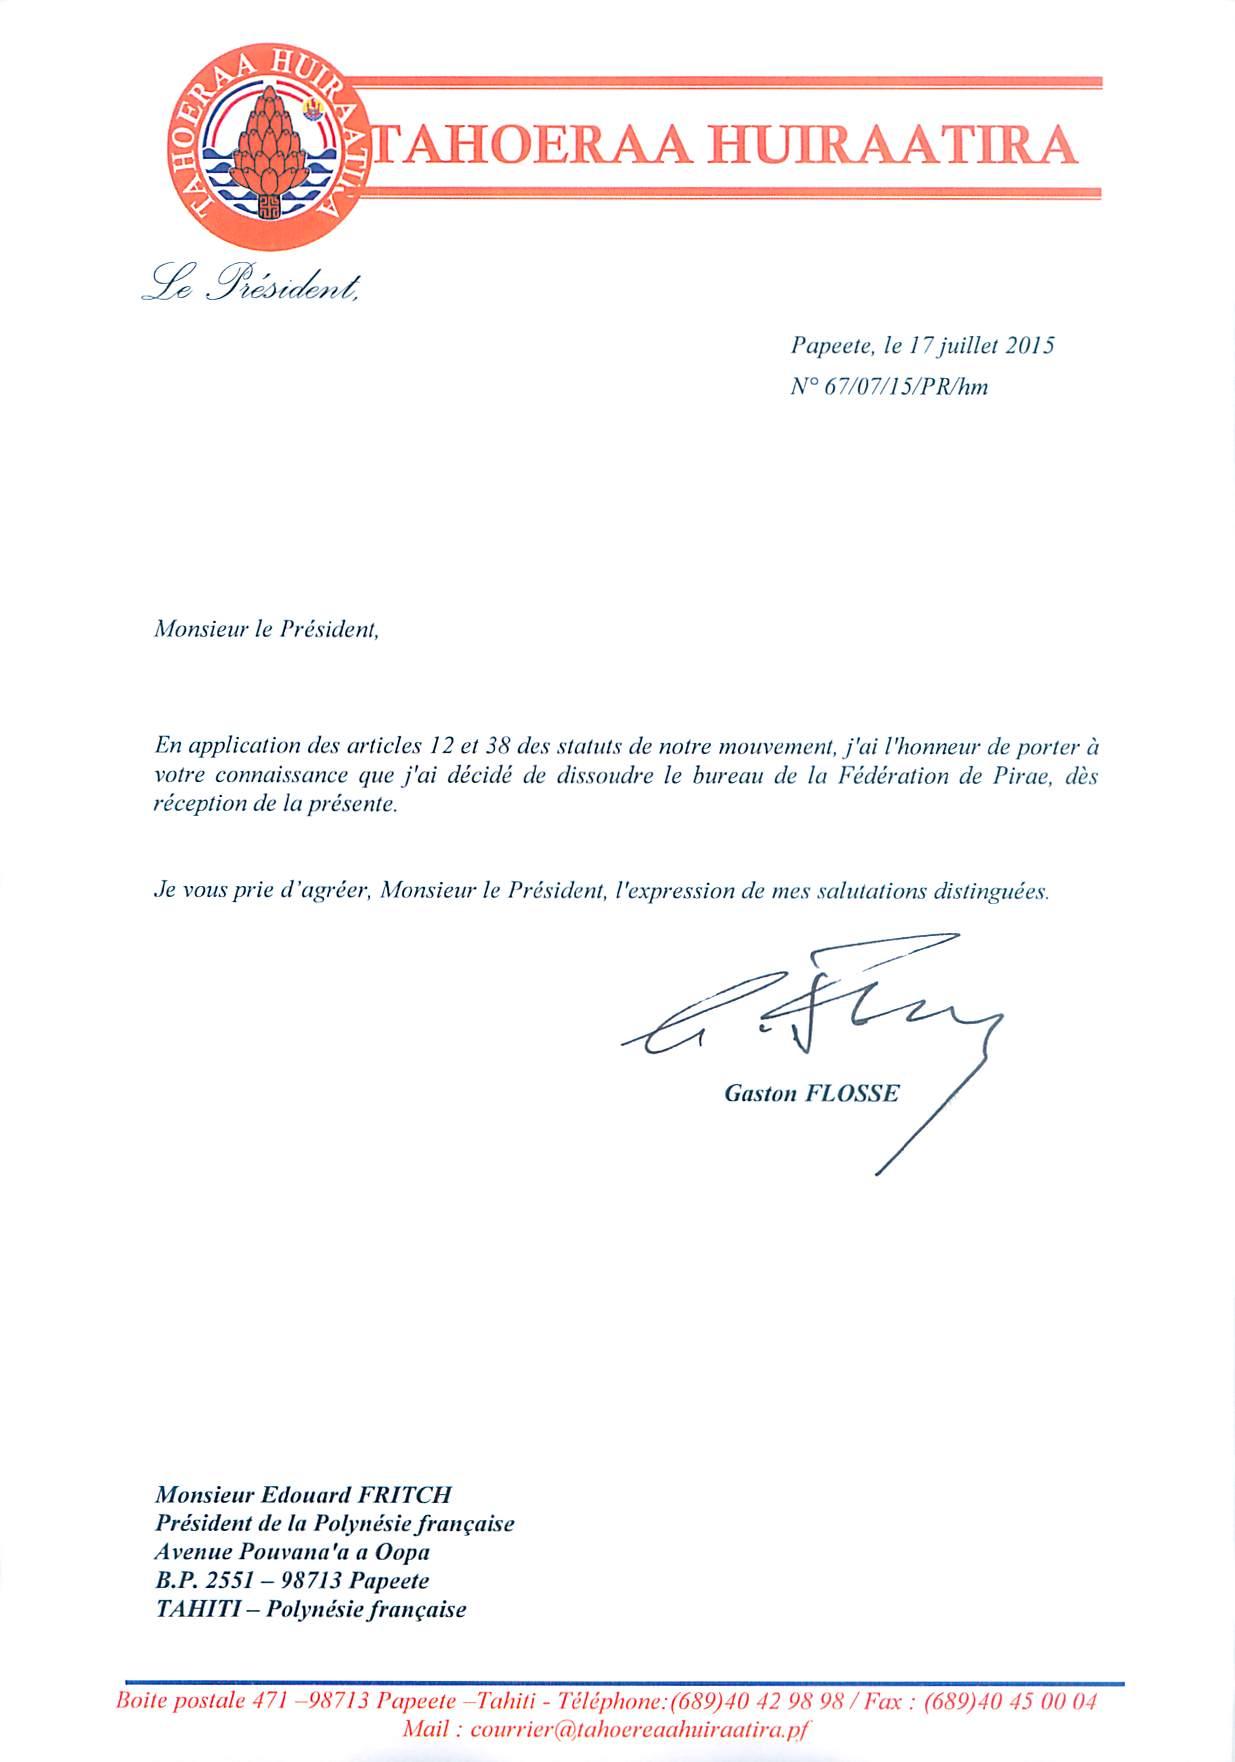 Voici le courrier de Gaston Flosse déposé hier en fin de journée au secrétariat de la Présidence